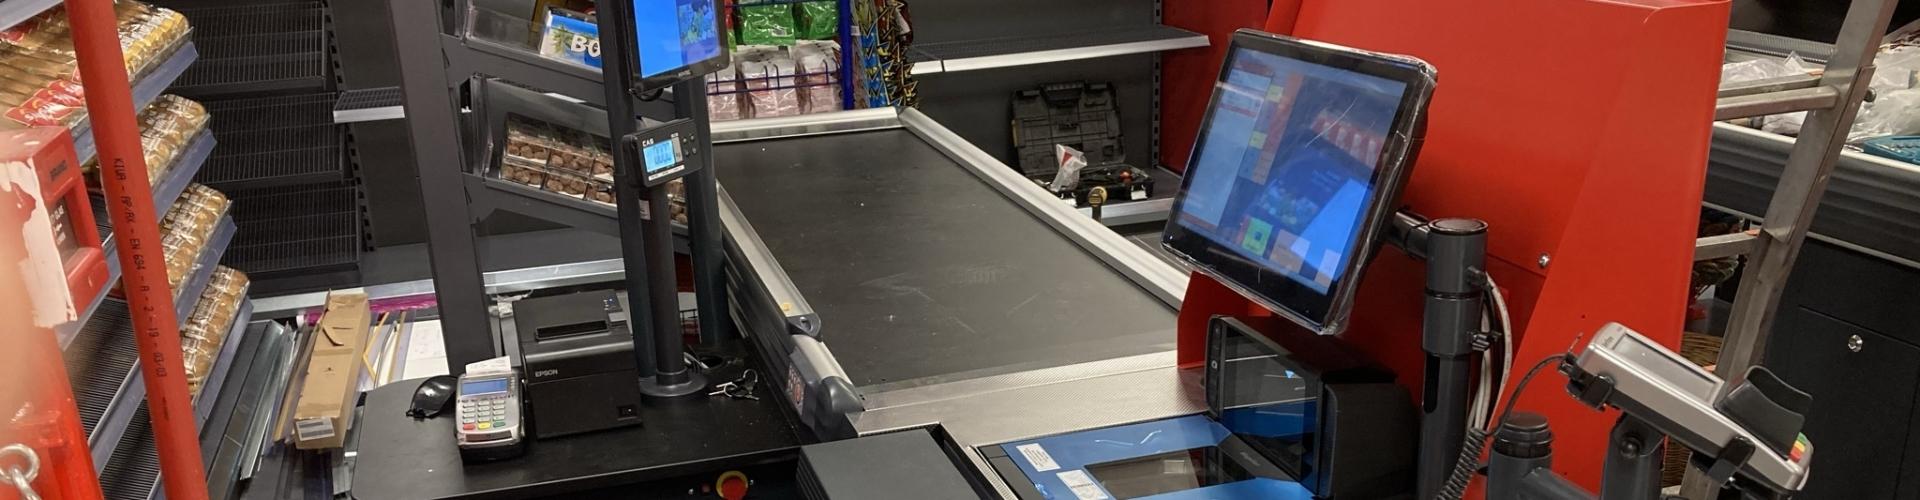 kassa met weegschaal en scanner